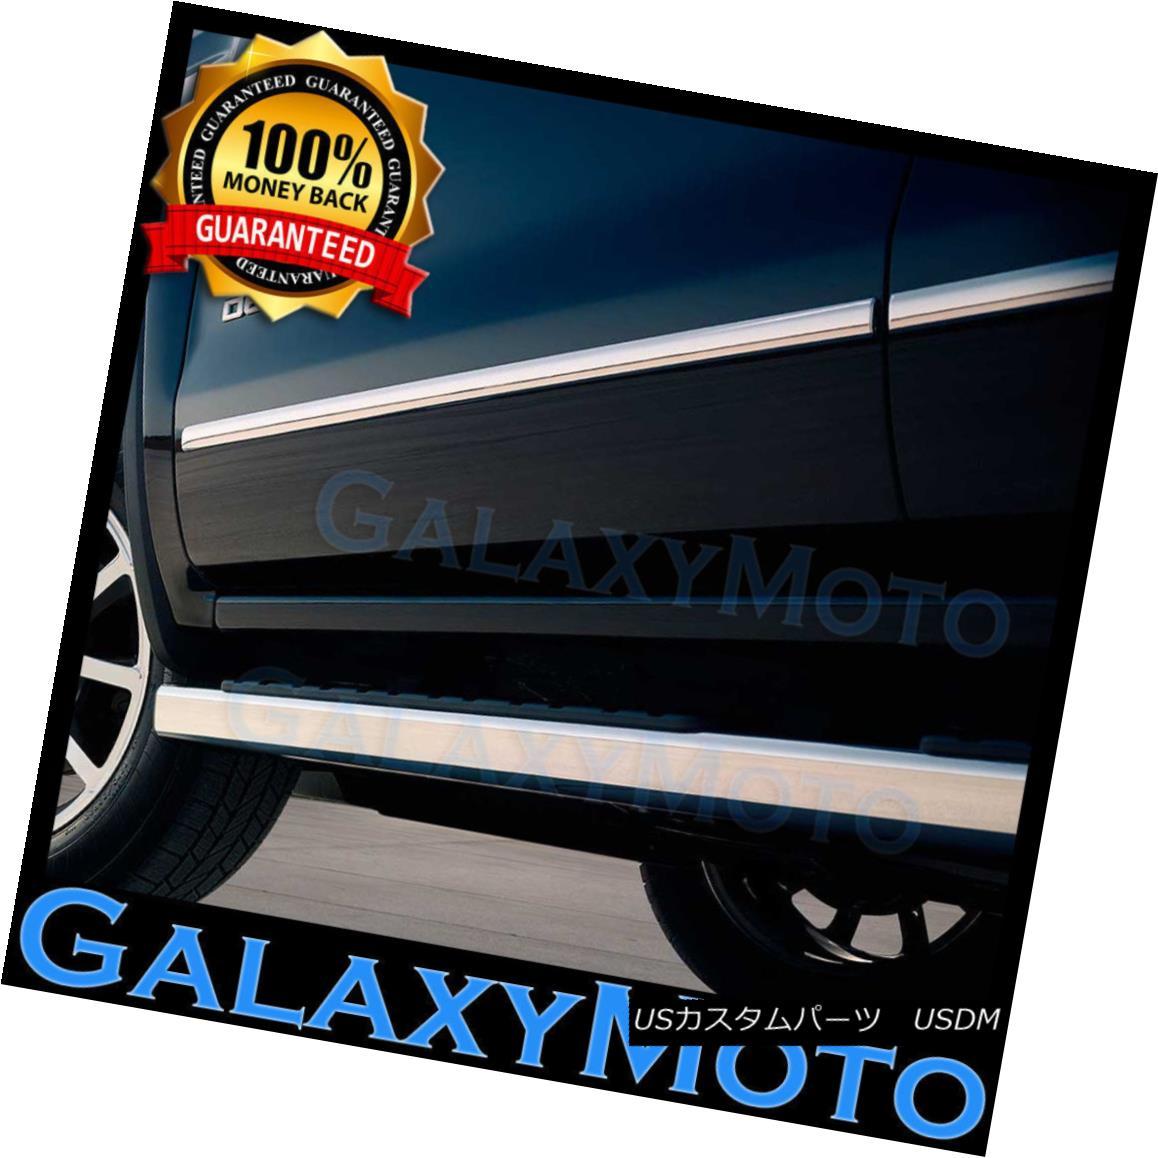 グリル 09-16 Dodge RAM 1500 Truck 4 Door Front+Rear Chrome Trim Body Side Molding 4pcs 09-16ドッジRAM 1500トラック4ドアフロント+リアクロムトリムボディサイドモールディング4個